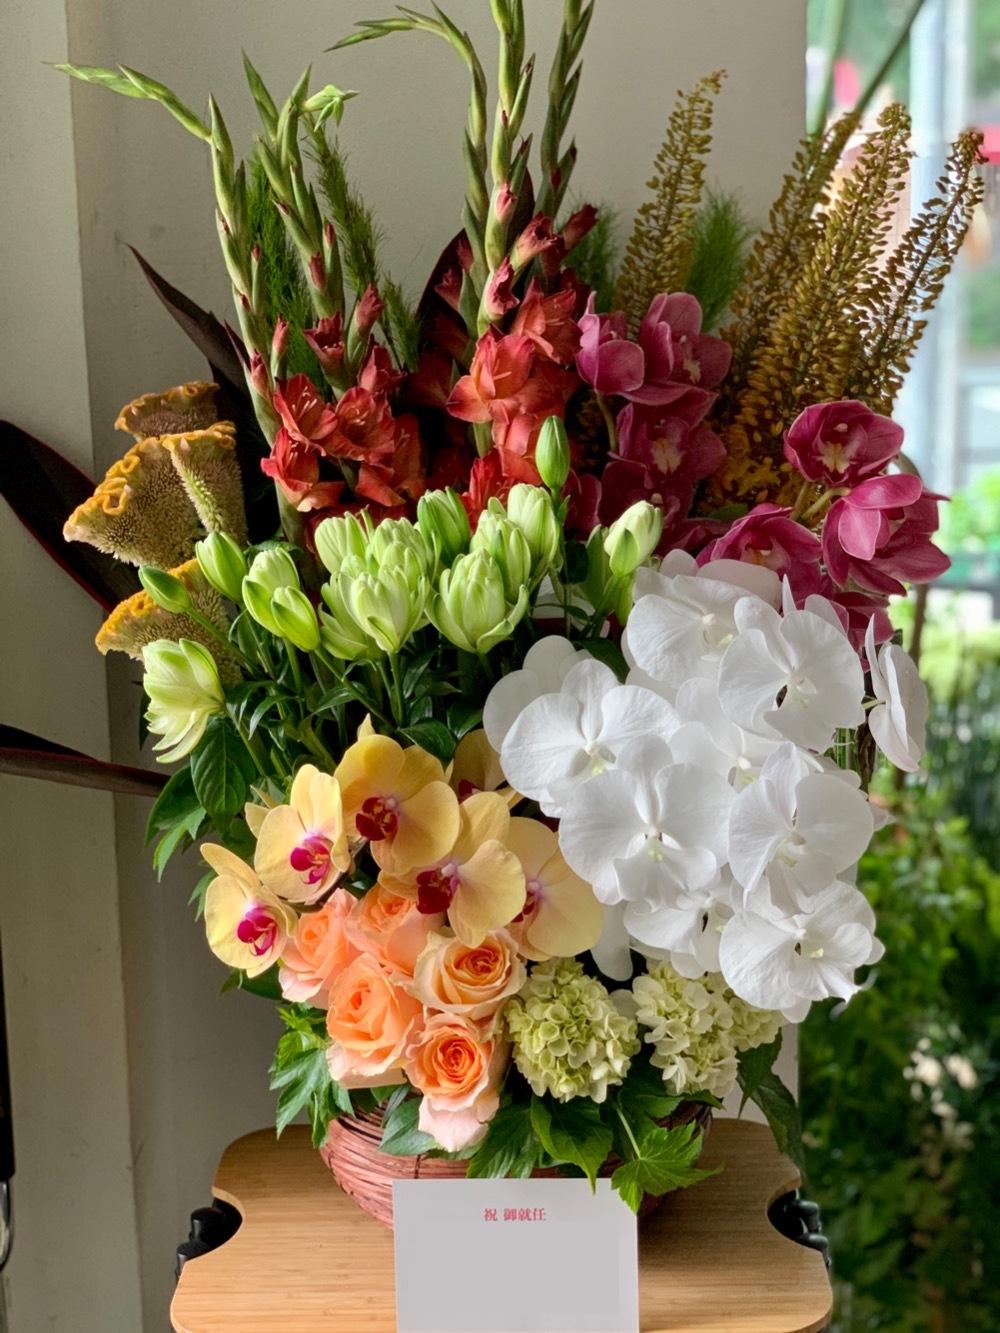 会社の発展を願ったイメージのご就任お祝い花